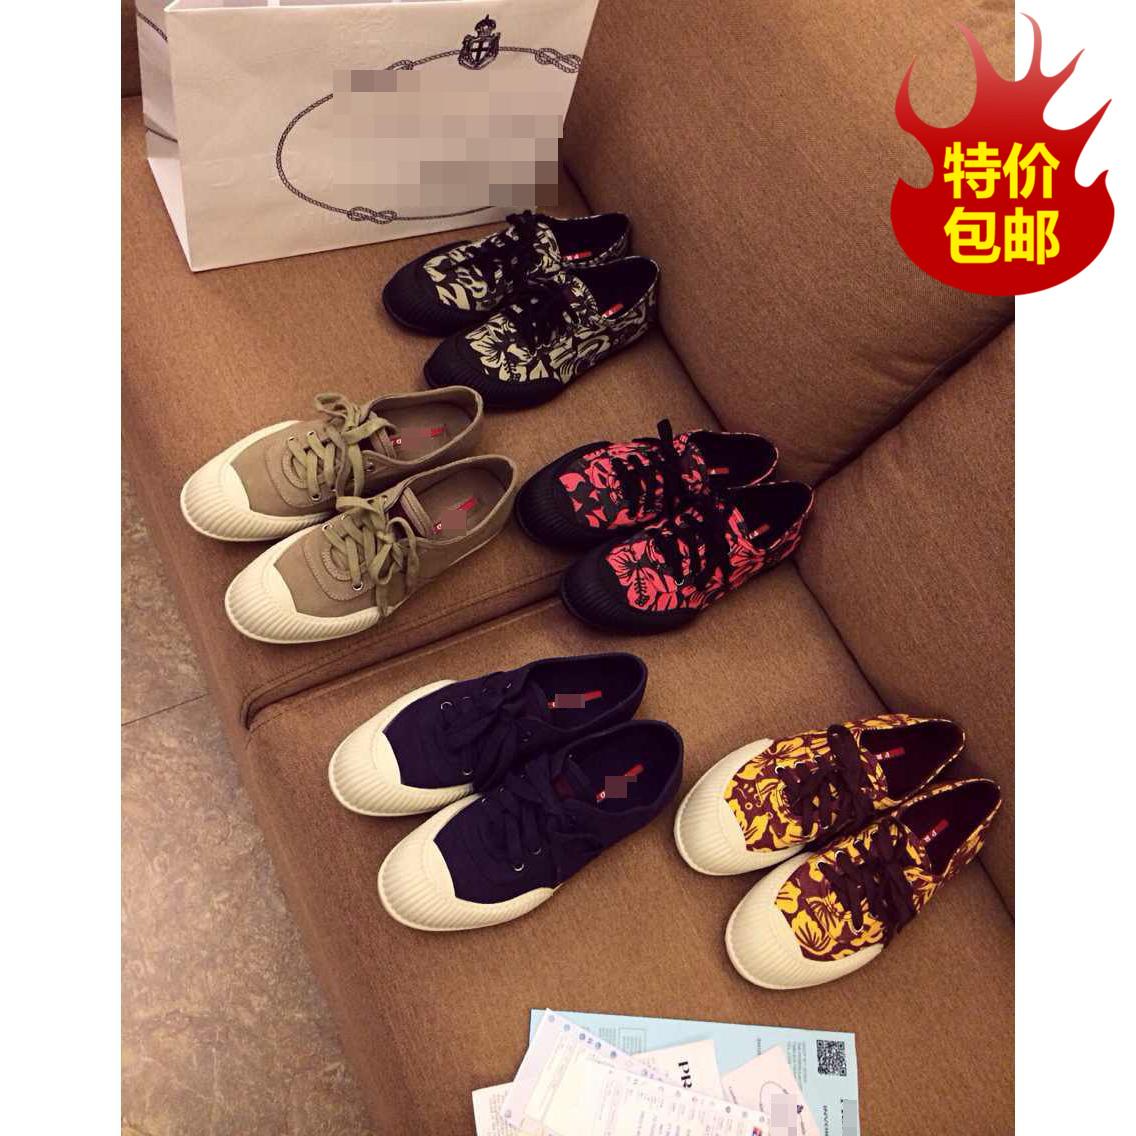 туфли Европы 2014 новые летние туфли с оригинальным прилив головы женщины оболочки мыс плоские туфли натуральной кожи Рыбак Повседневная обувь